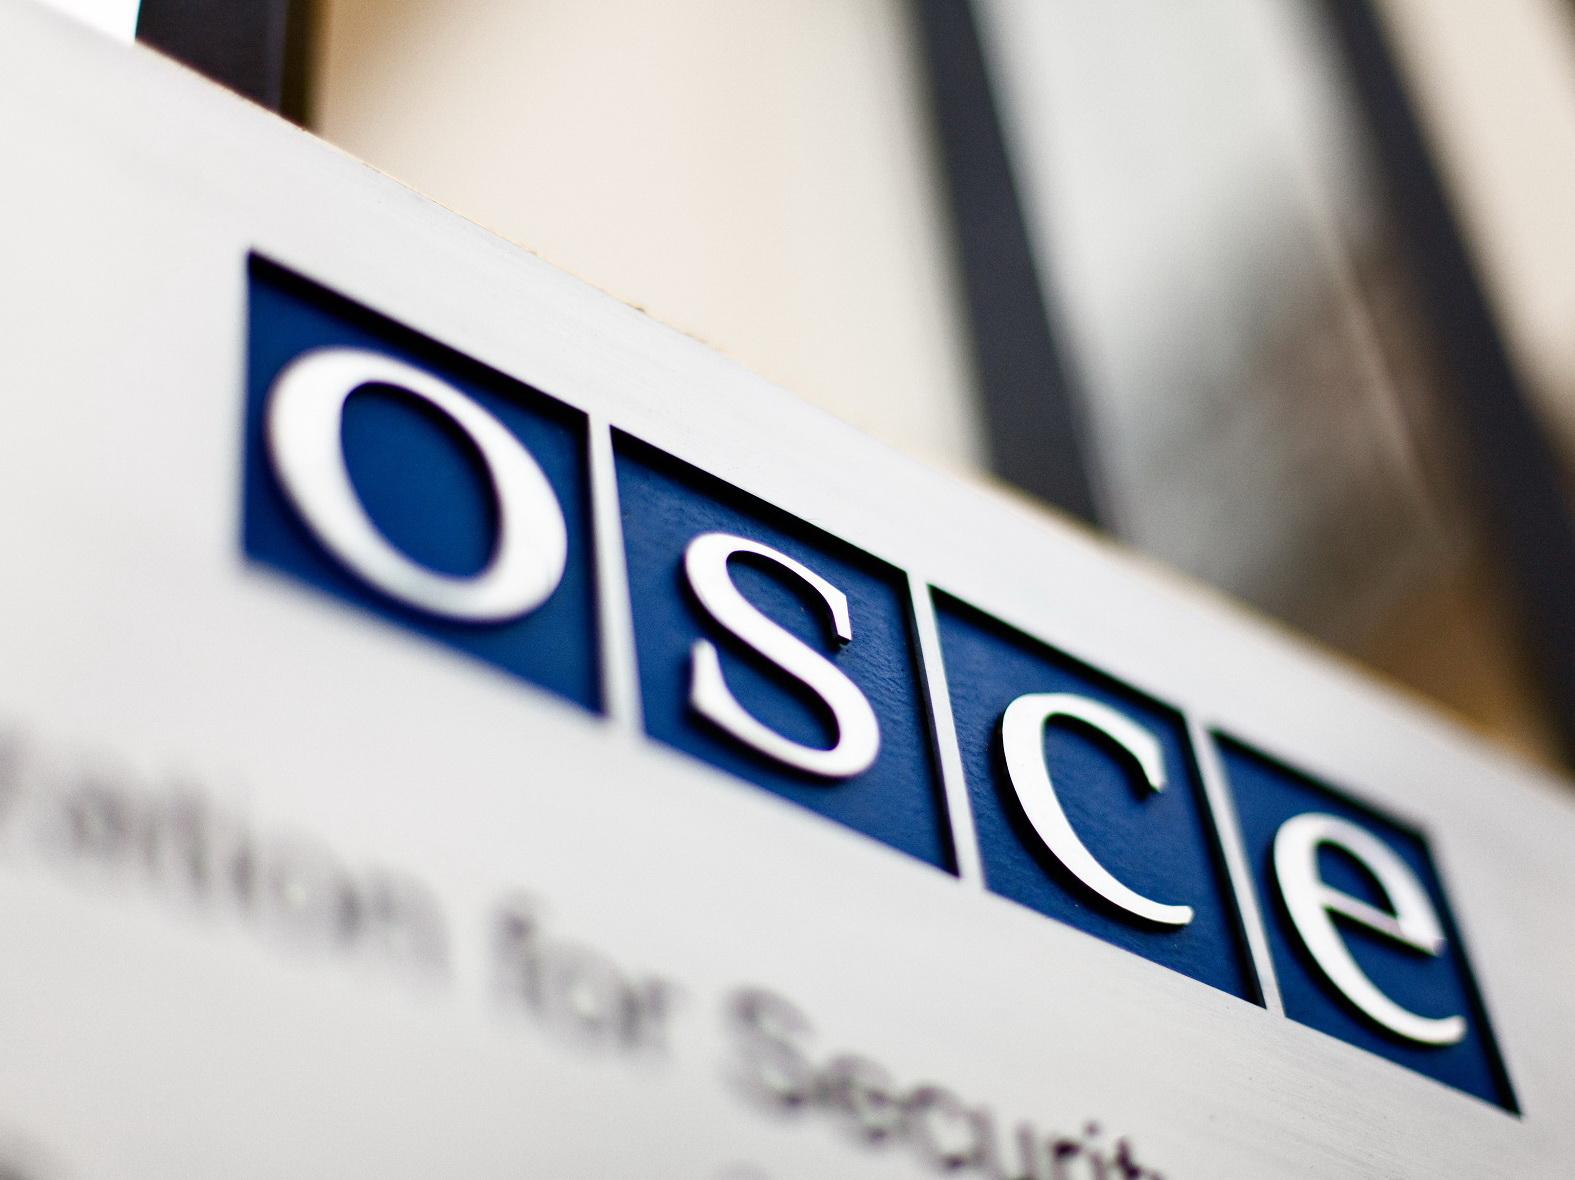 МГ ОБСЕ: Призываем Азербайджан и Армению принять конкретные меры для подготовки своего населения к миру